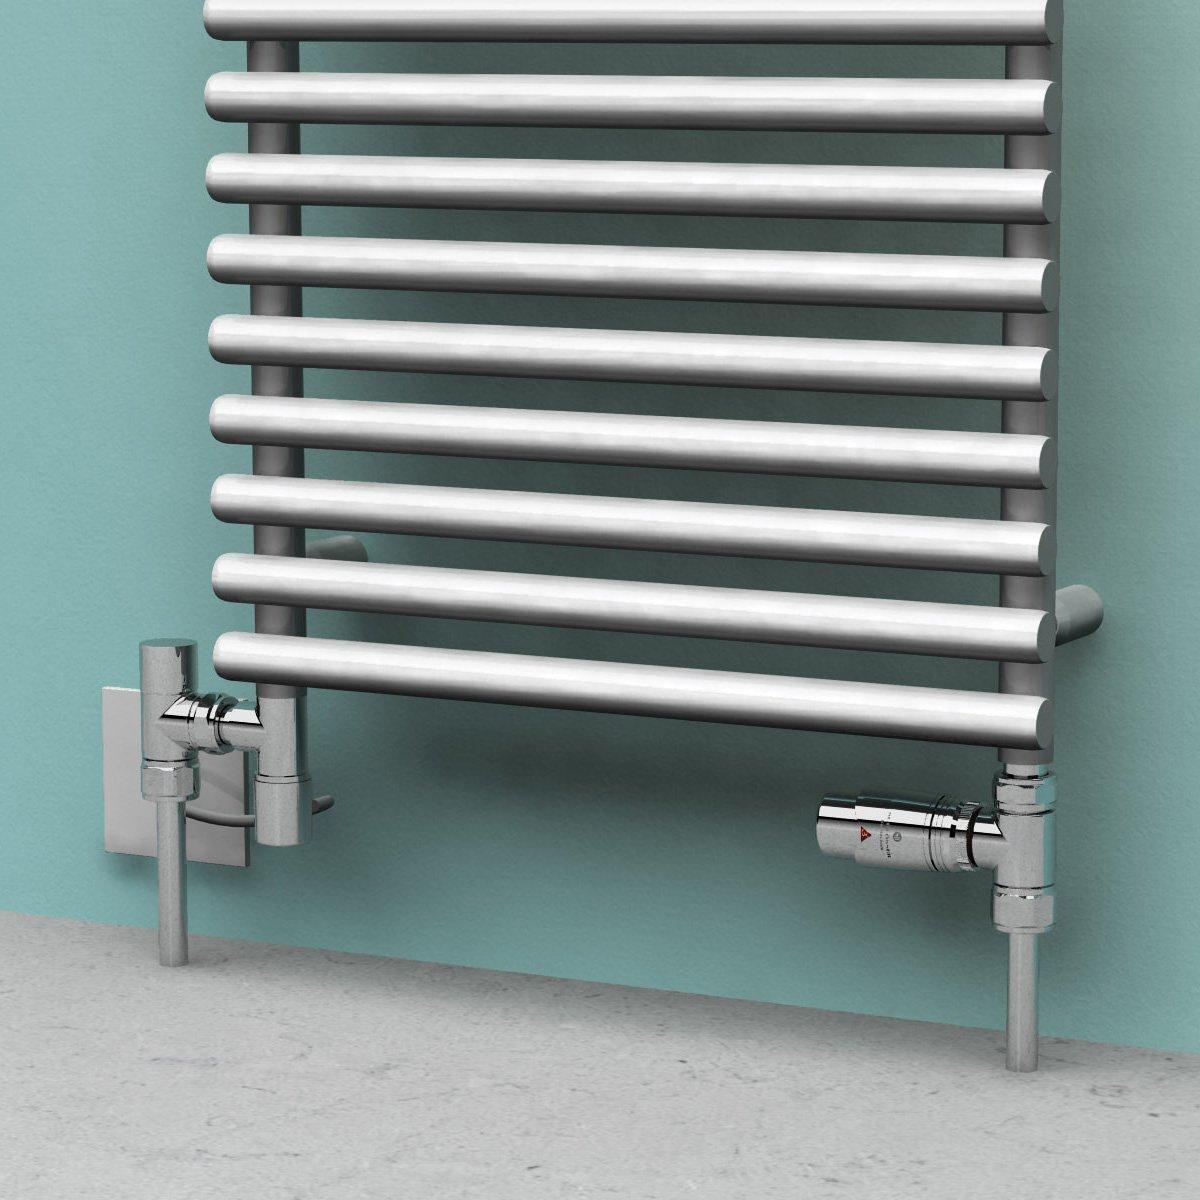 valvole-termostatiche-radiatore